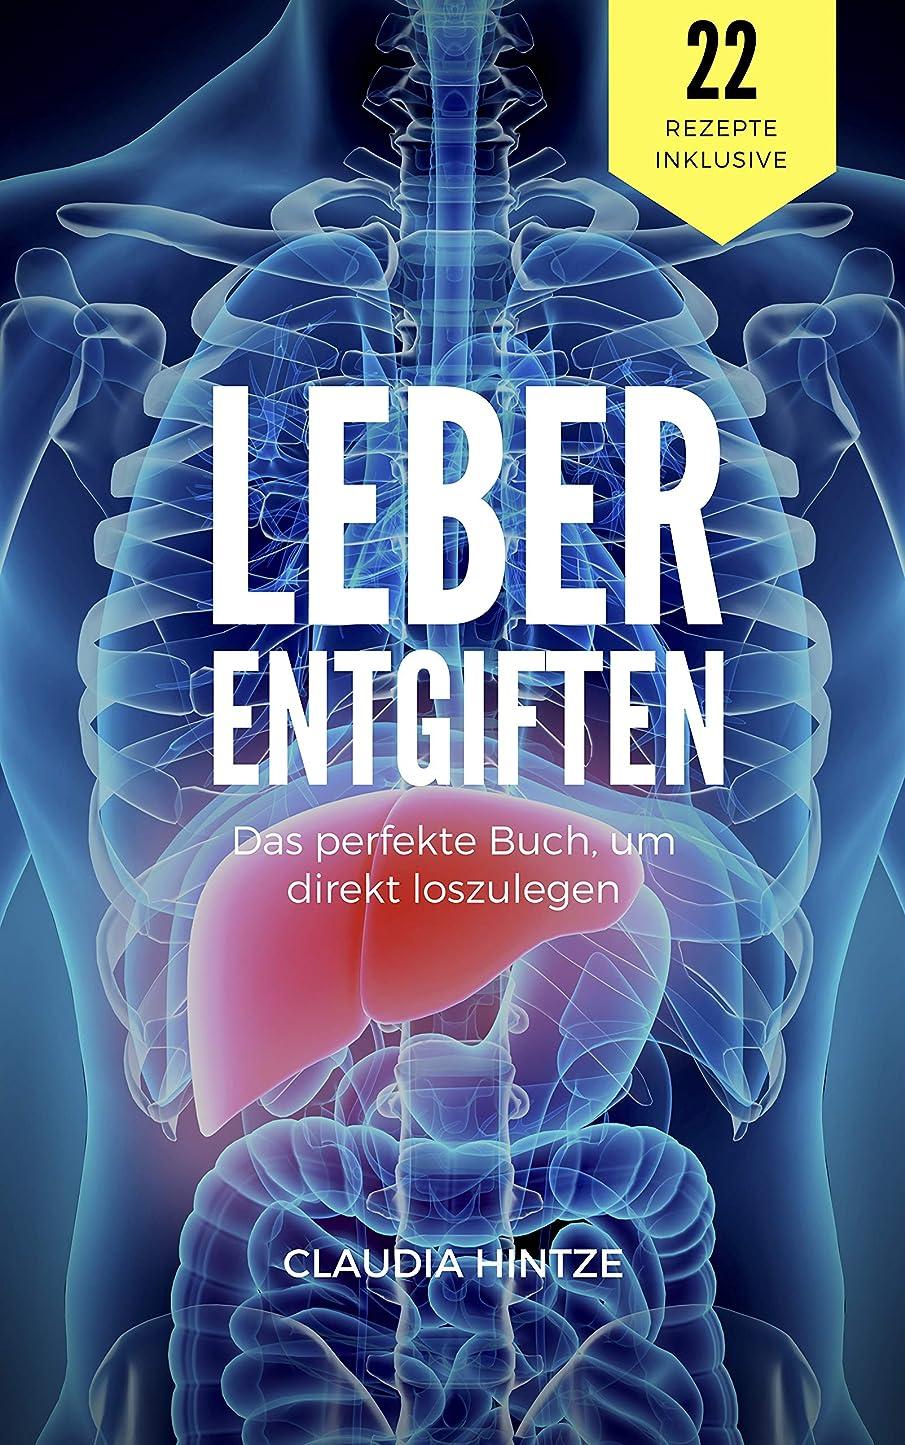 Leber entgiften: Wie du deine Leber in wenigen Tagen reinigst (Natürliche Leberreinigung und alles über das Leberfasten. Inklusive 22 Rezepte, die deiner Leber helfen) (German Edition)